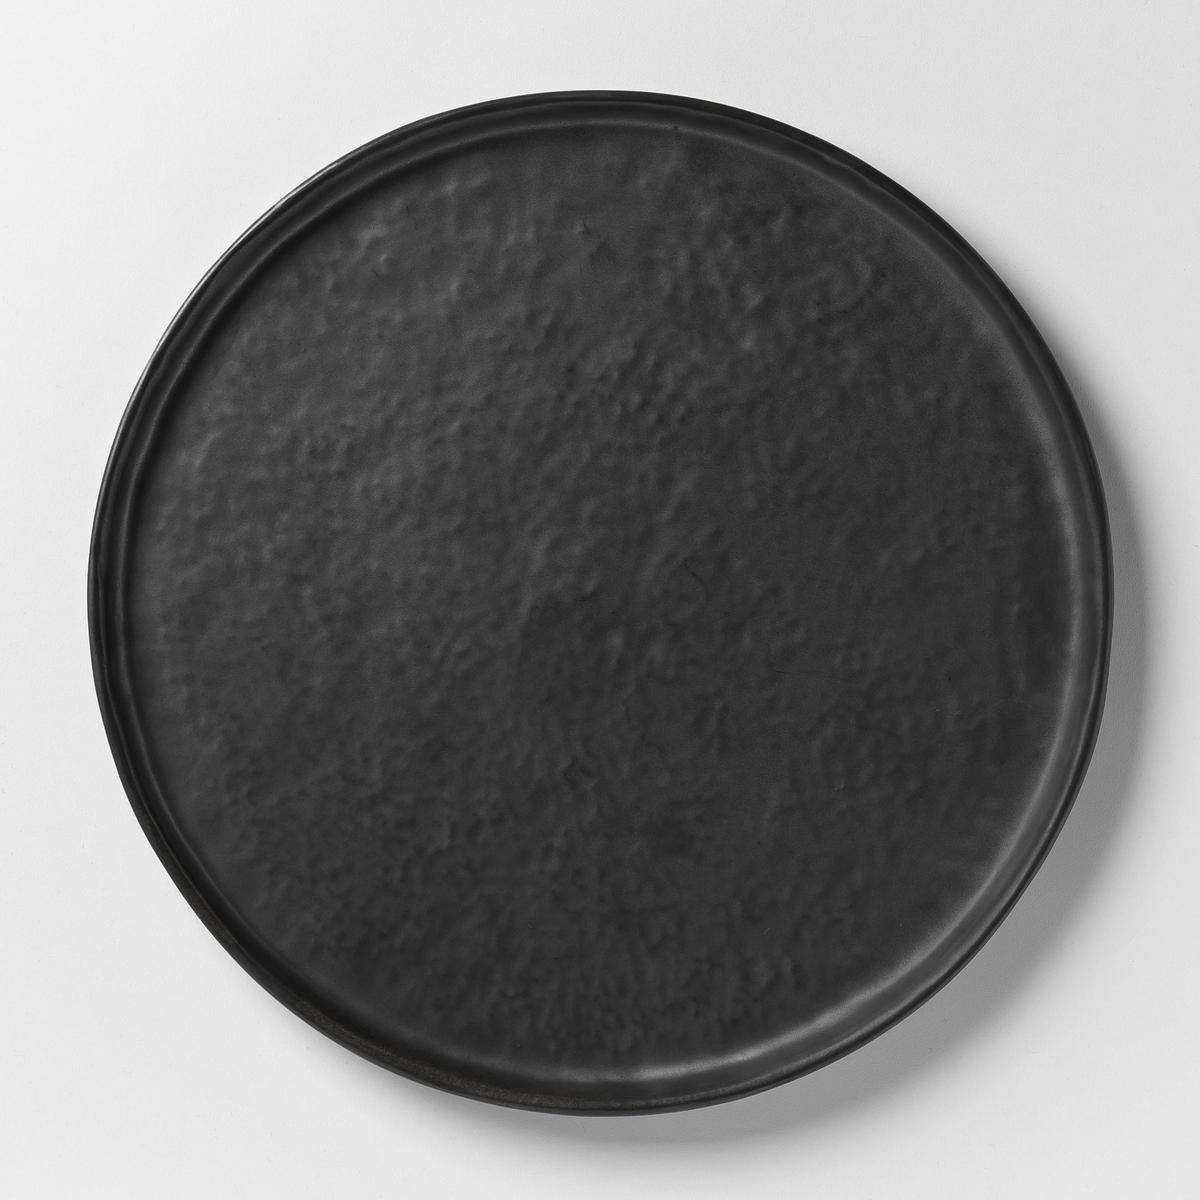 Тарелка плоская из керамики Pure design P .Нессенса, SeraxХарактеристики: - Из матовой керамики с эффектом чеканки .- Можно использовать в посудомоечных машинах и микроволновых печах.- Десертная тарелка и чашка из комплекта продаются на нашем сайте .Размеры  :- ?27 x Выс1,6 см .<br><br>Цвет: черный<br>Размер: единый размер